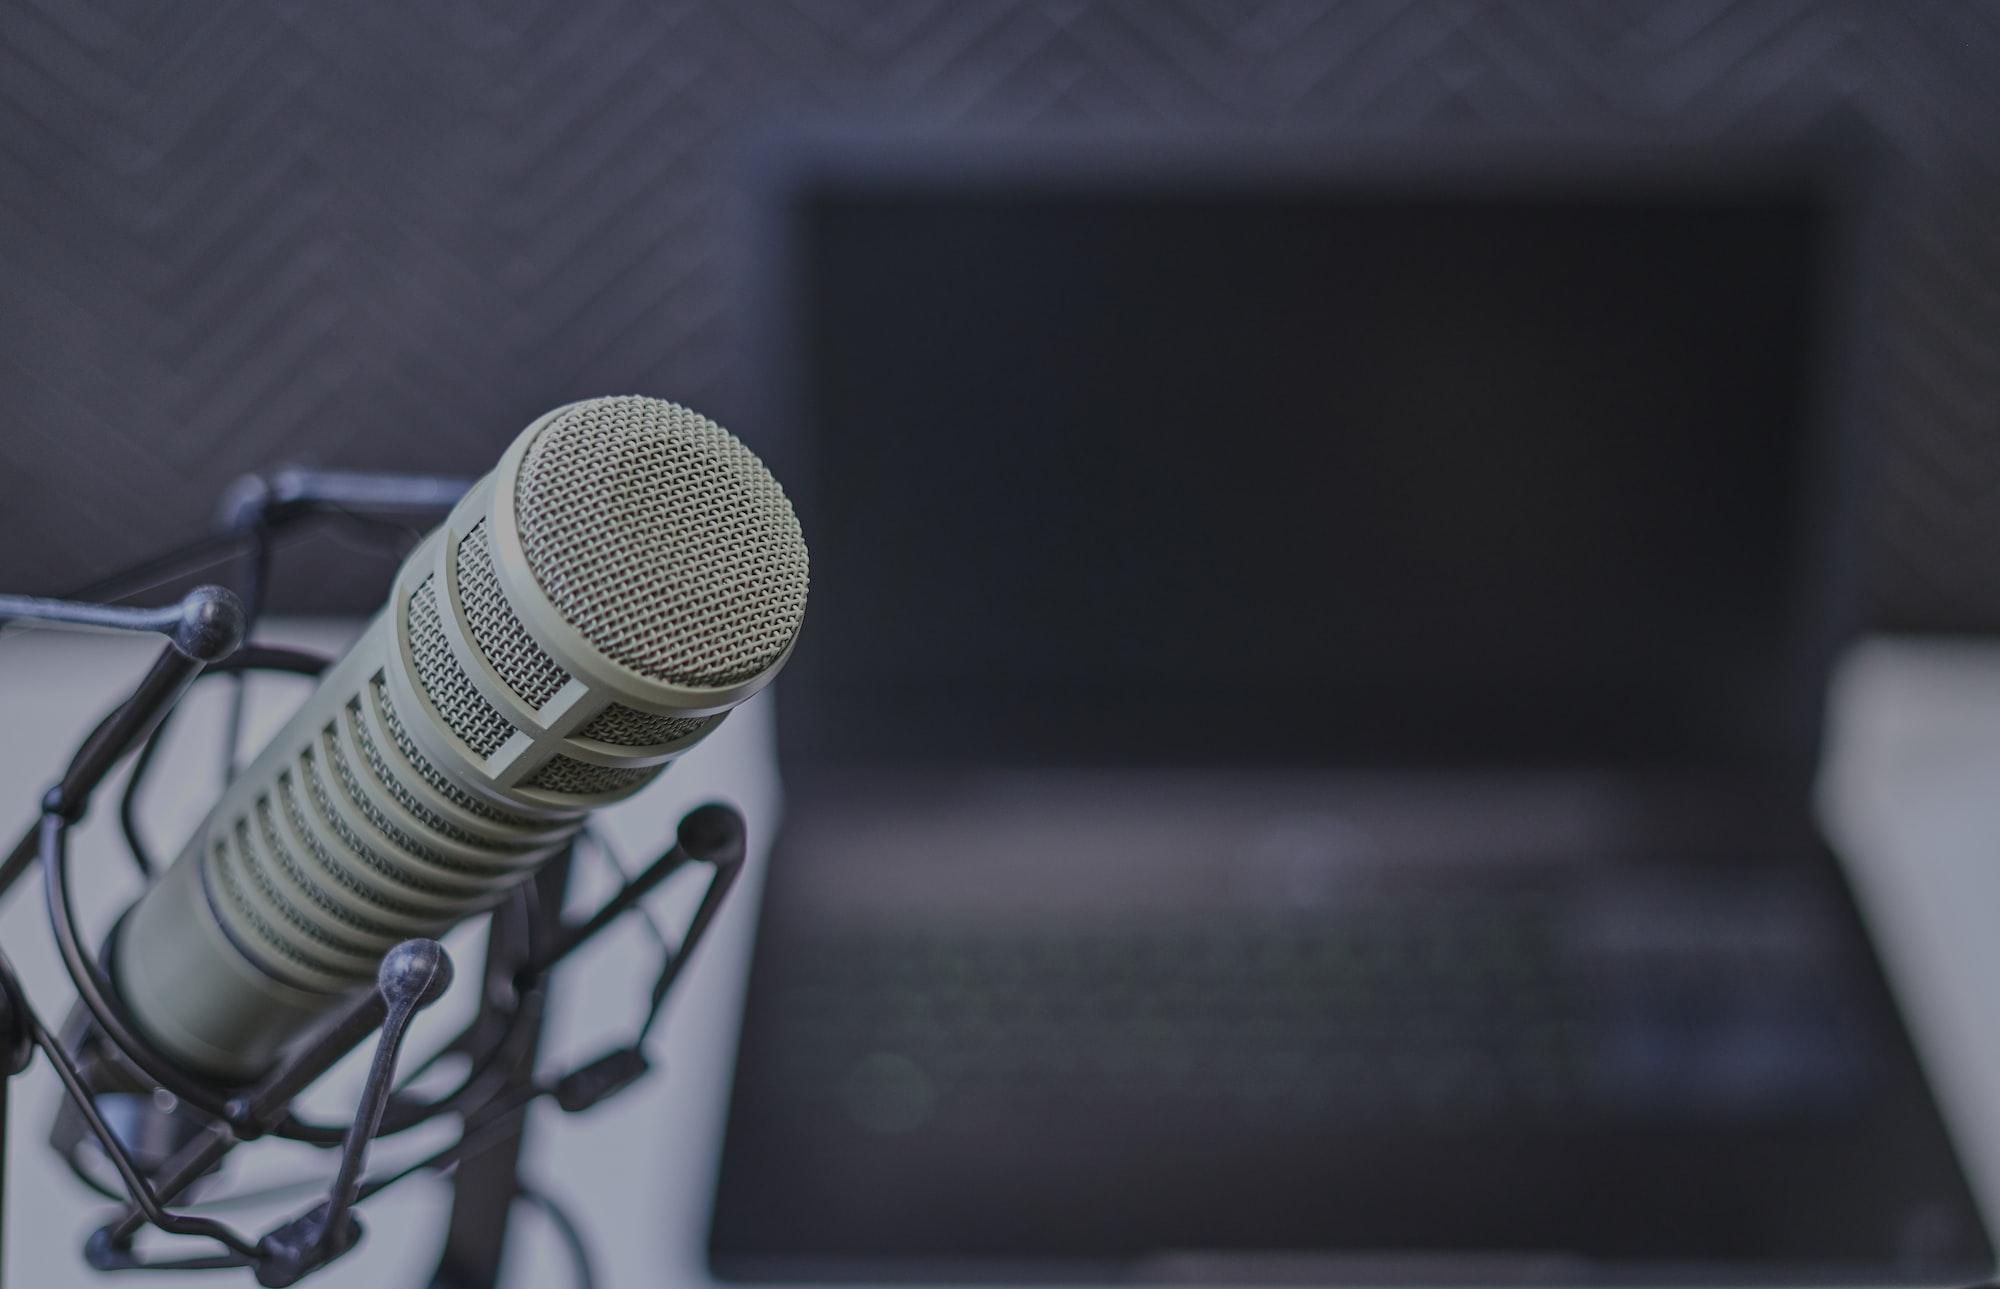 Episode 33: Fri tale og fri arbejdsplads